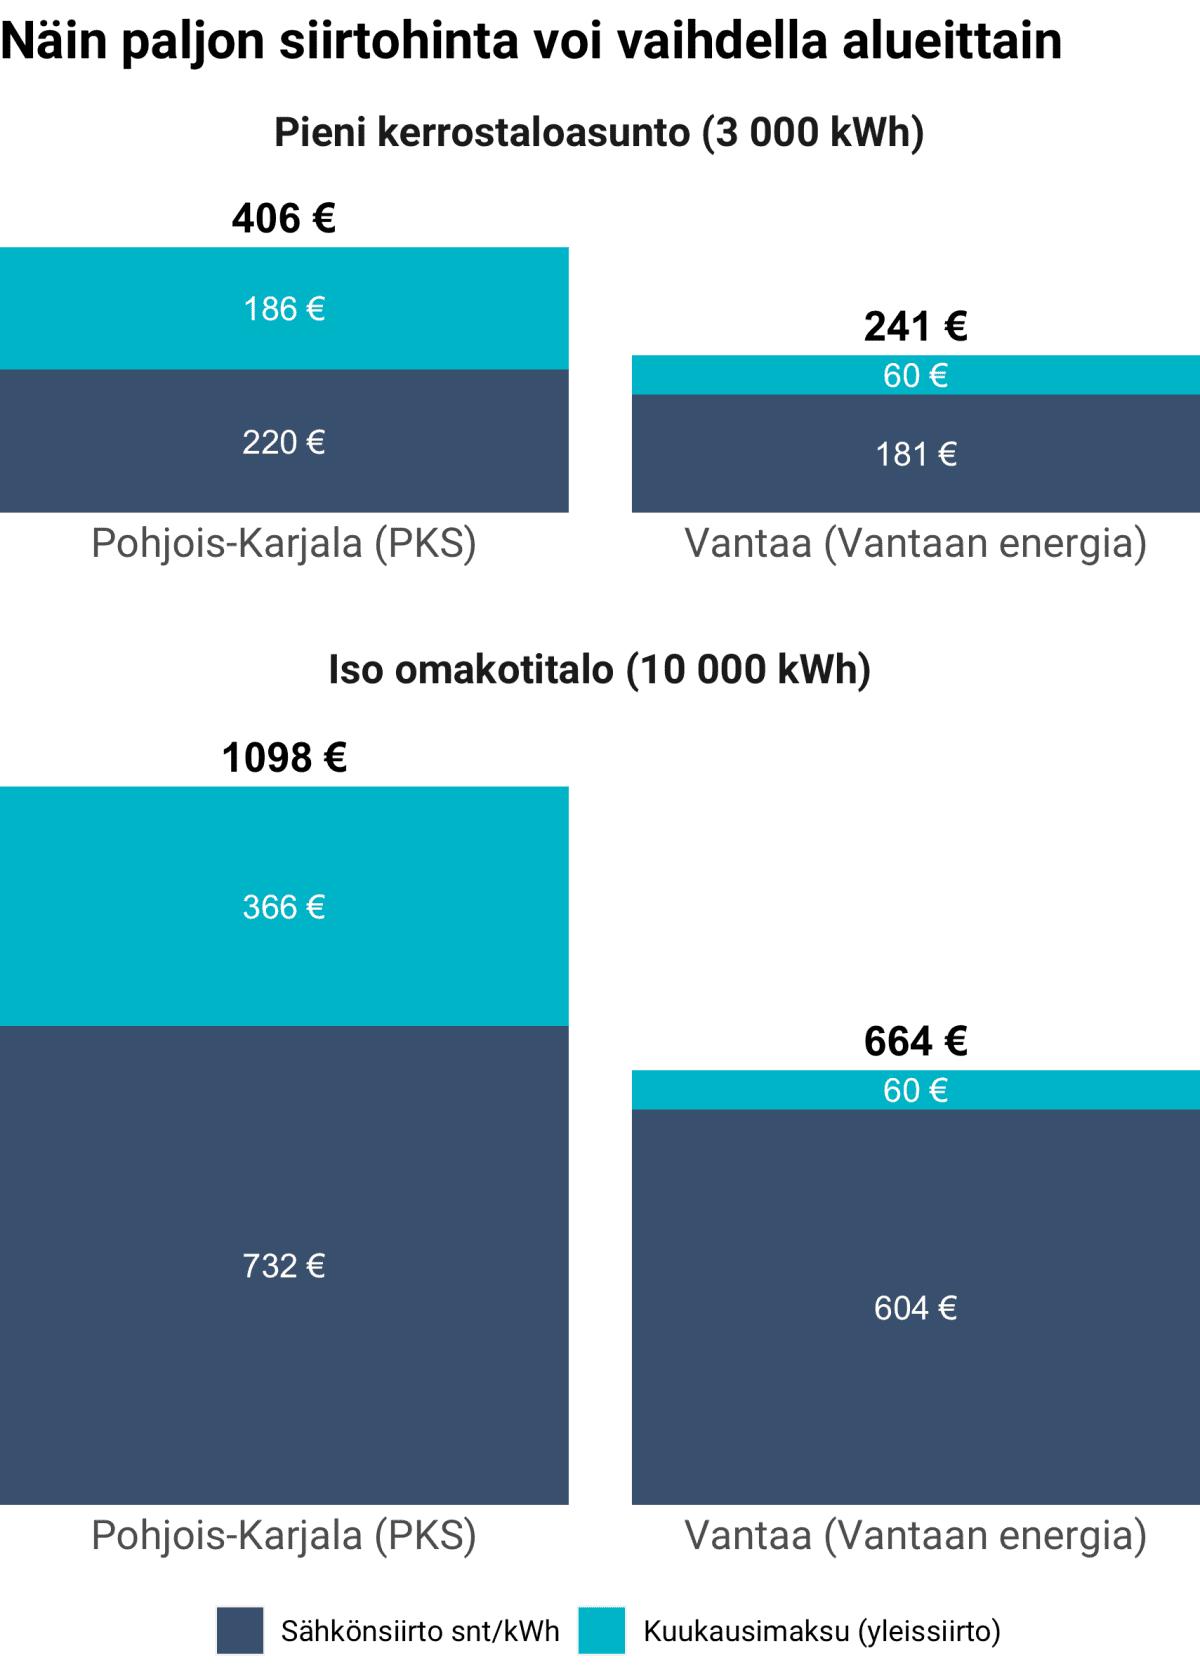 Näin paljon sähkönsiirron hinta voi vaihdella.